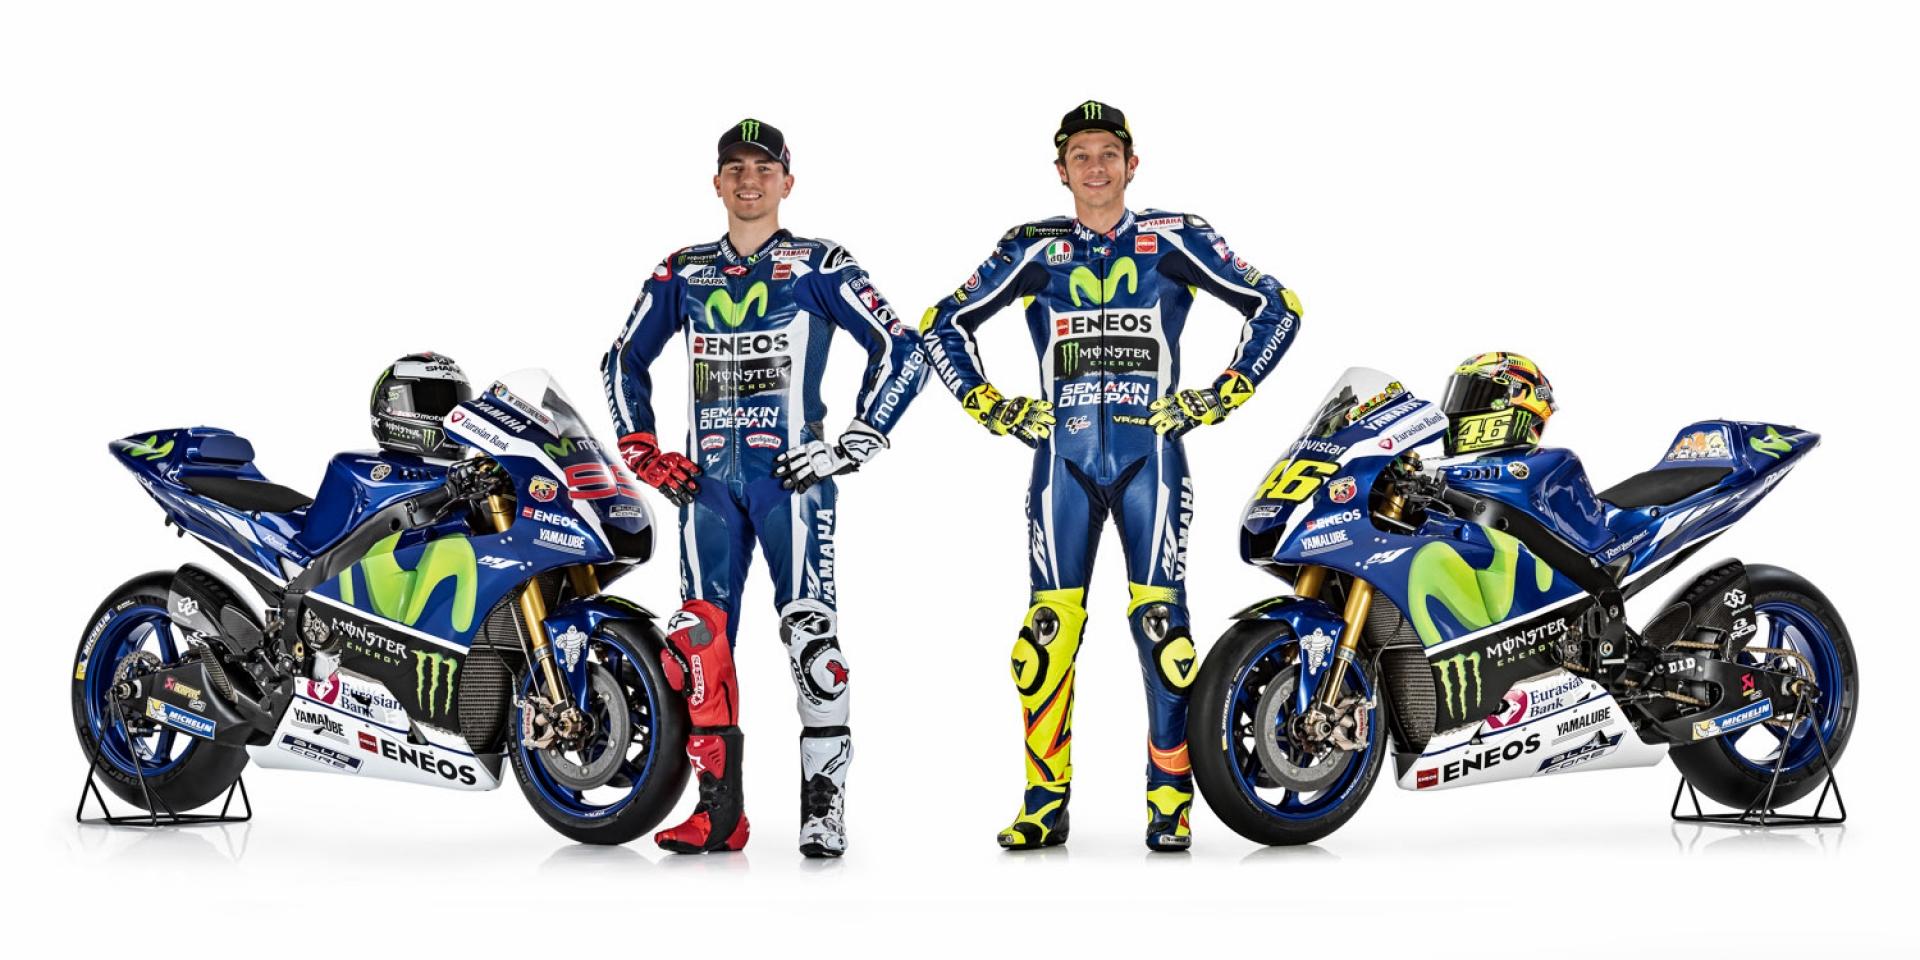 2016 MotoGP YAMAHA 廠隊塗裝正式公布。圖集